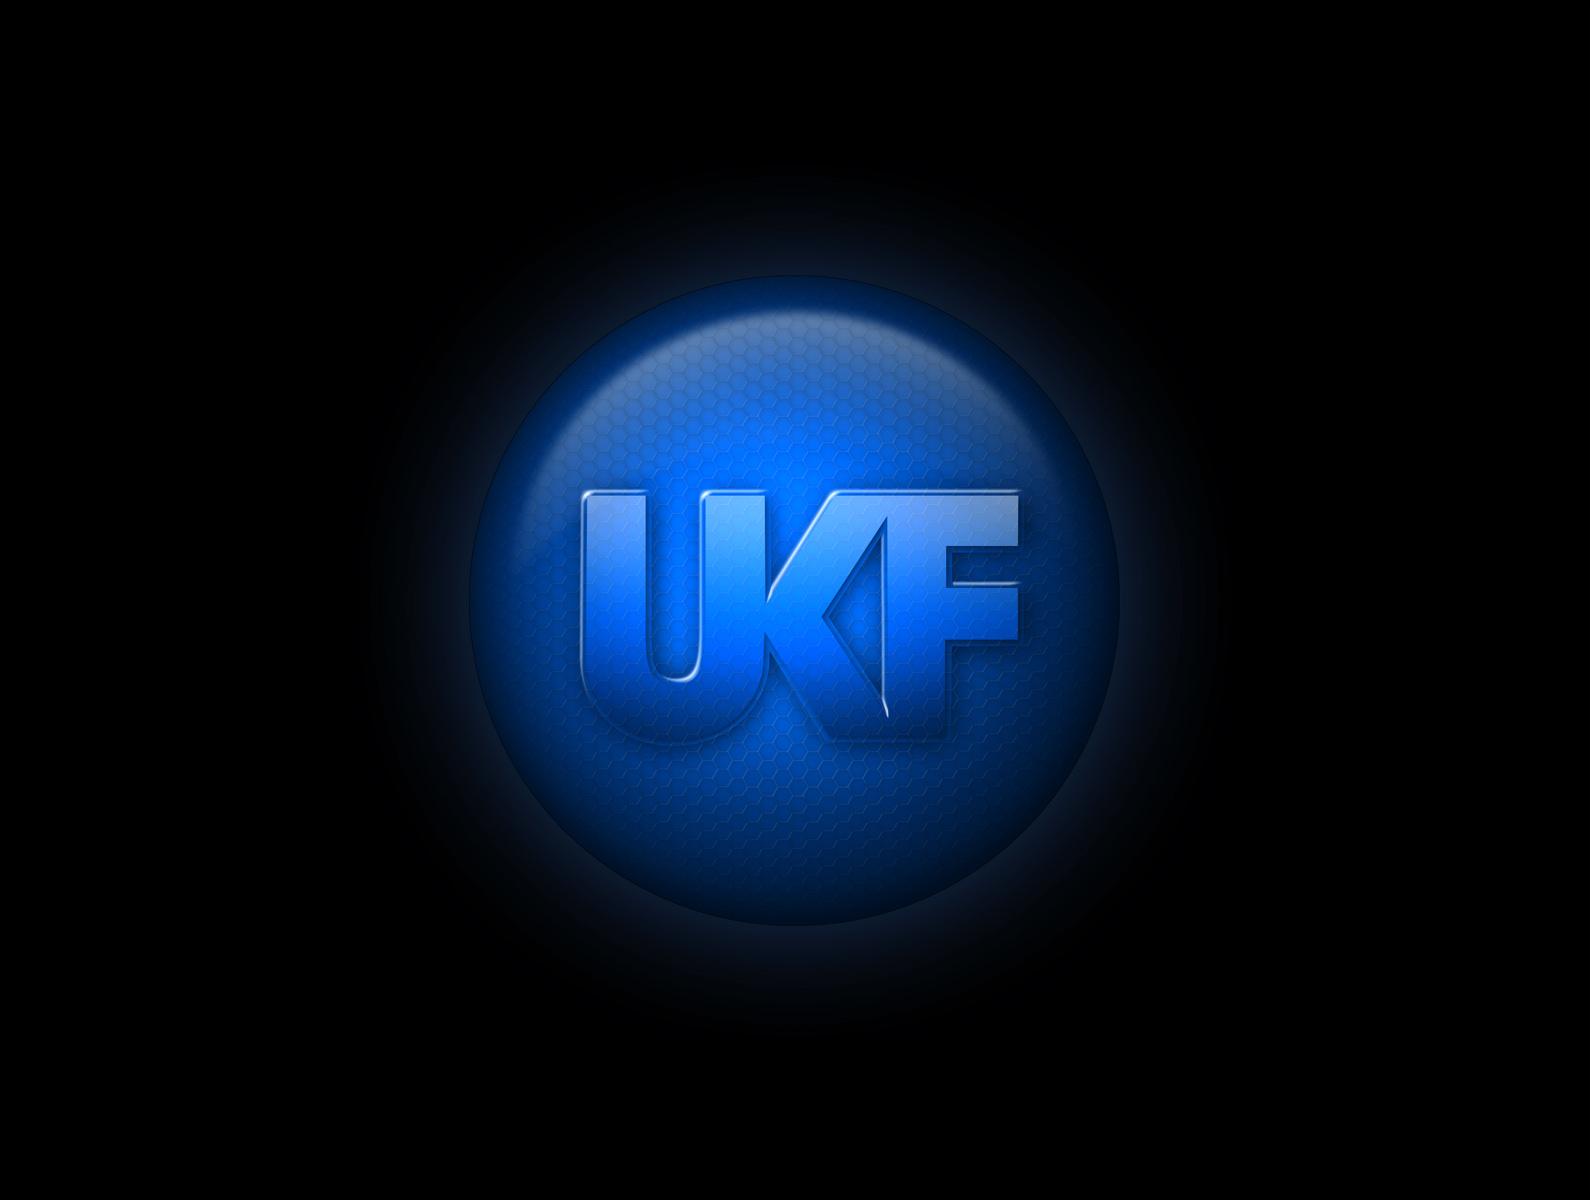 UKF Dubstep Wallpaper